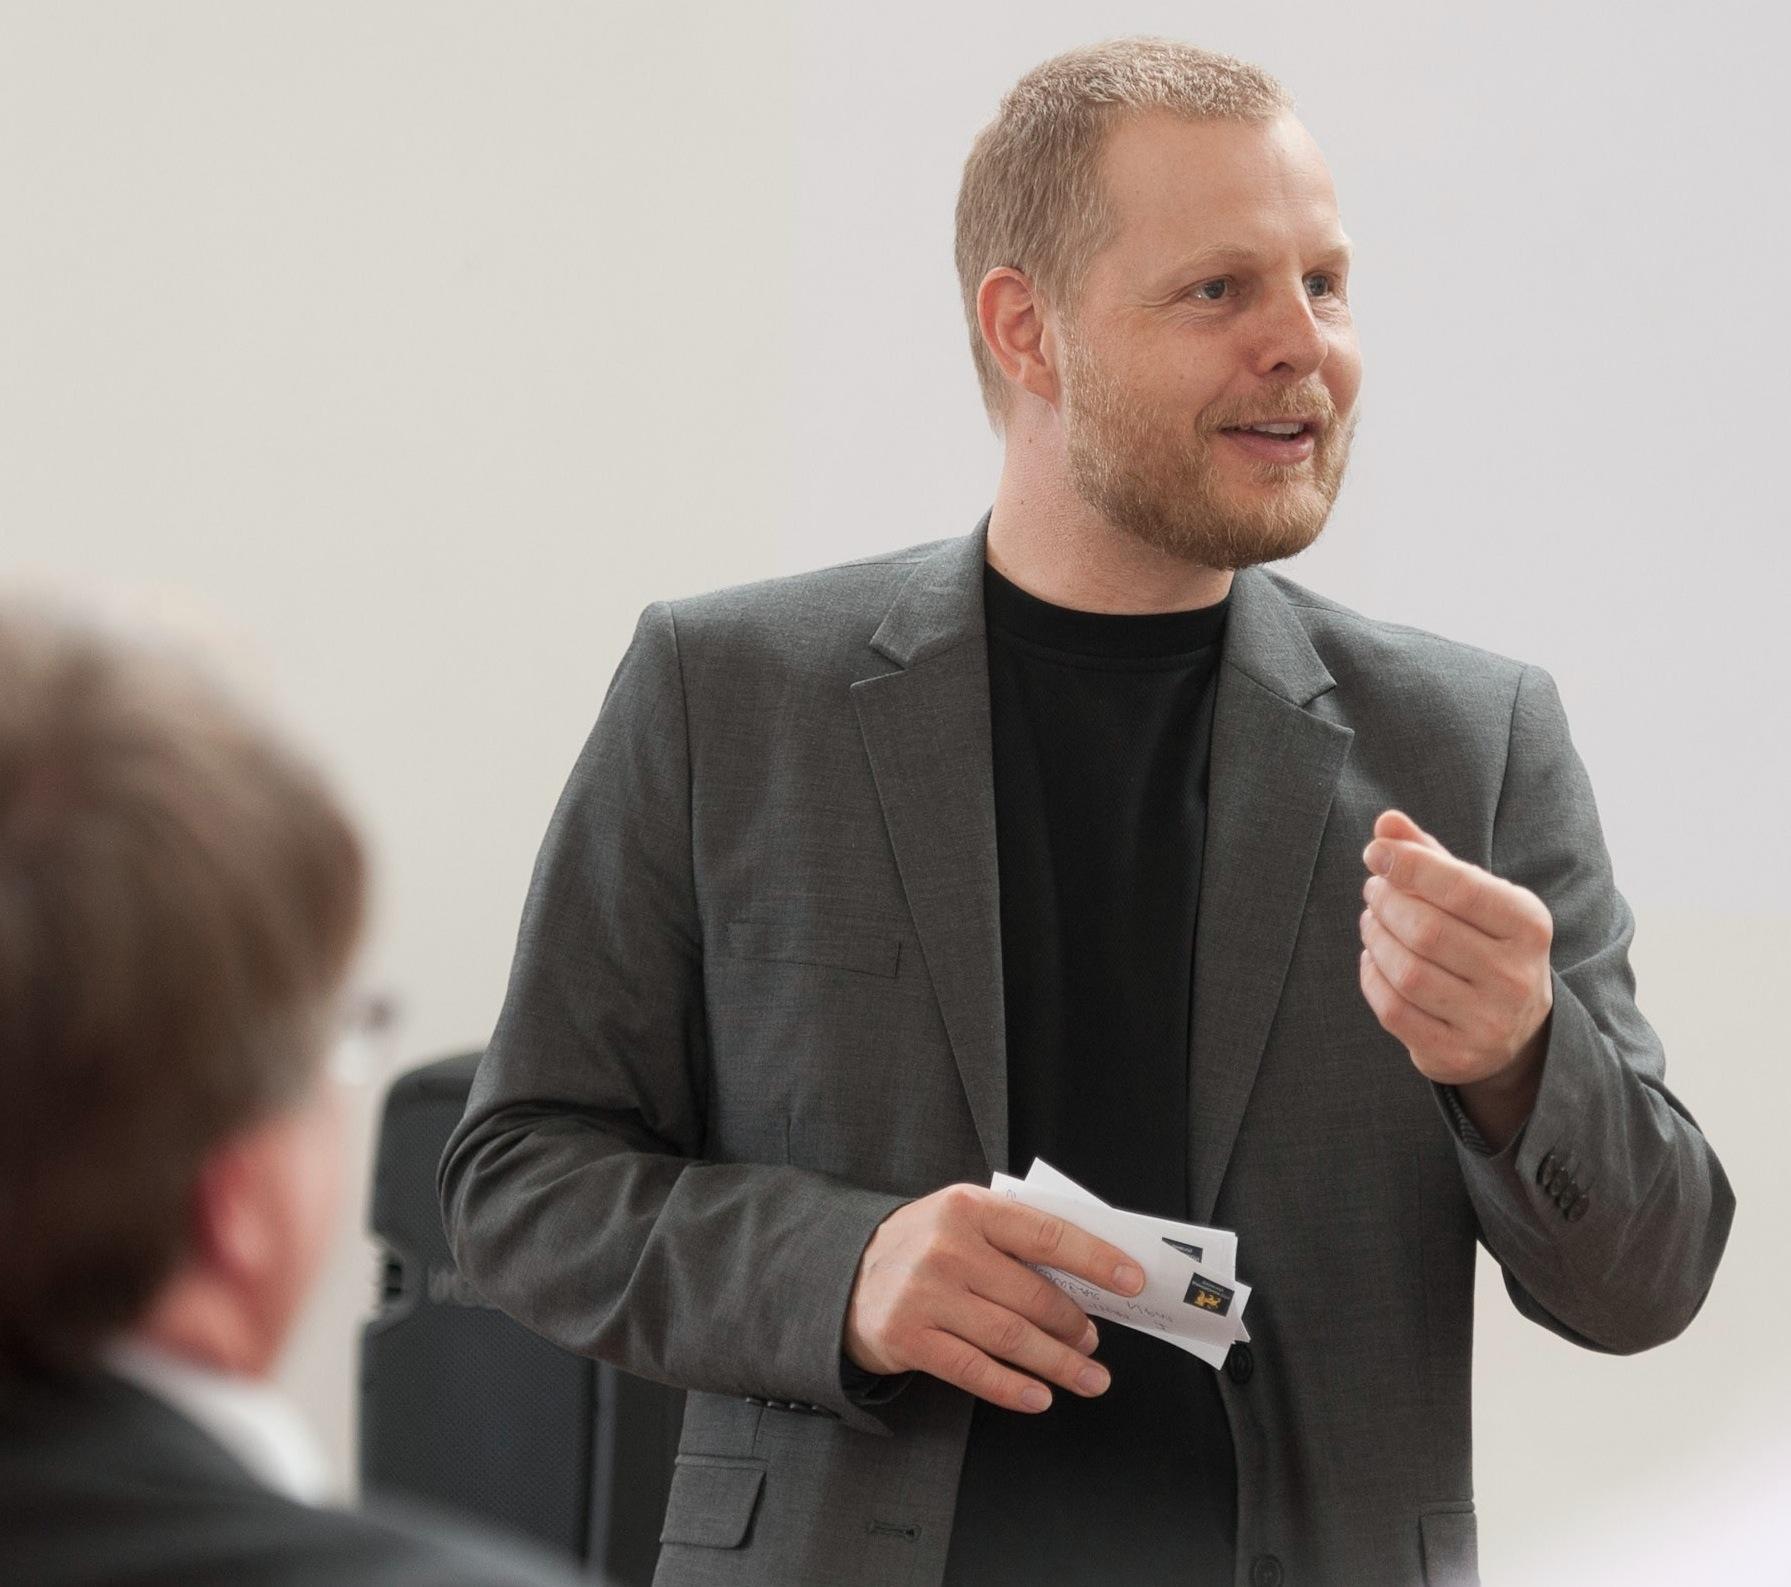 Claus Nygaard Professor cph:learning Samskabelse i det offentlige